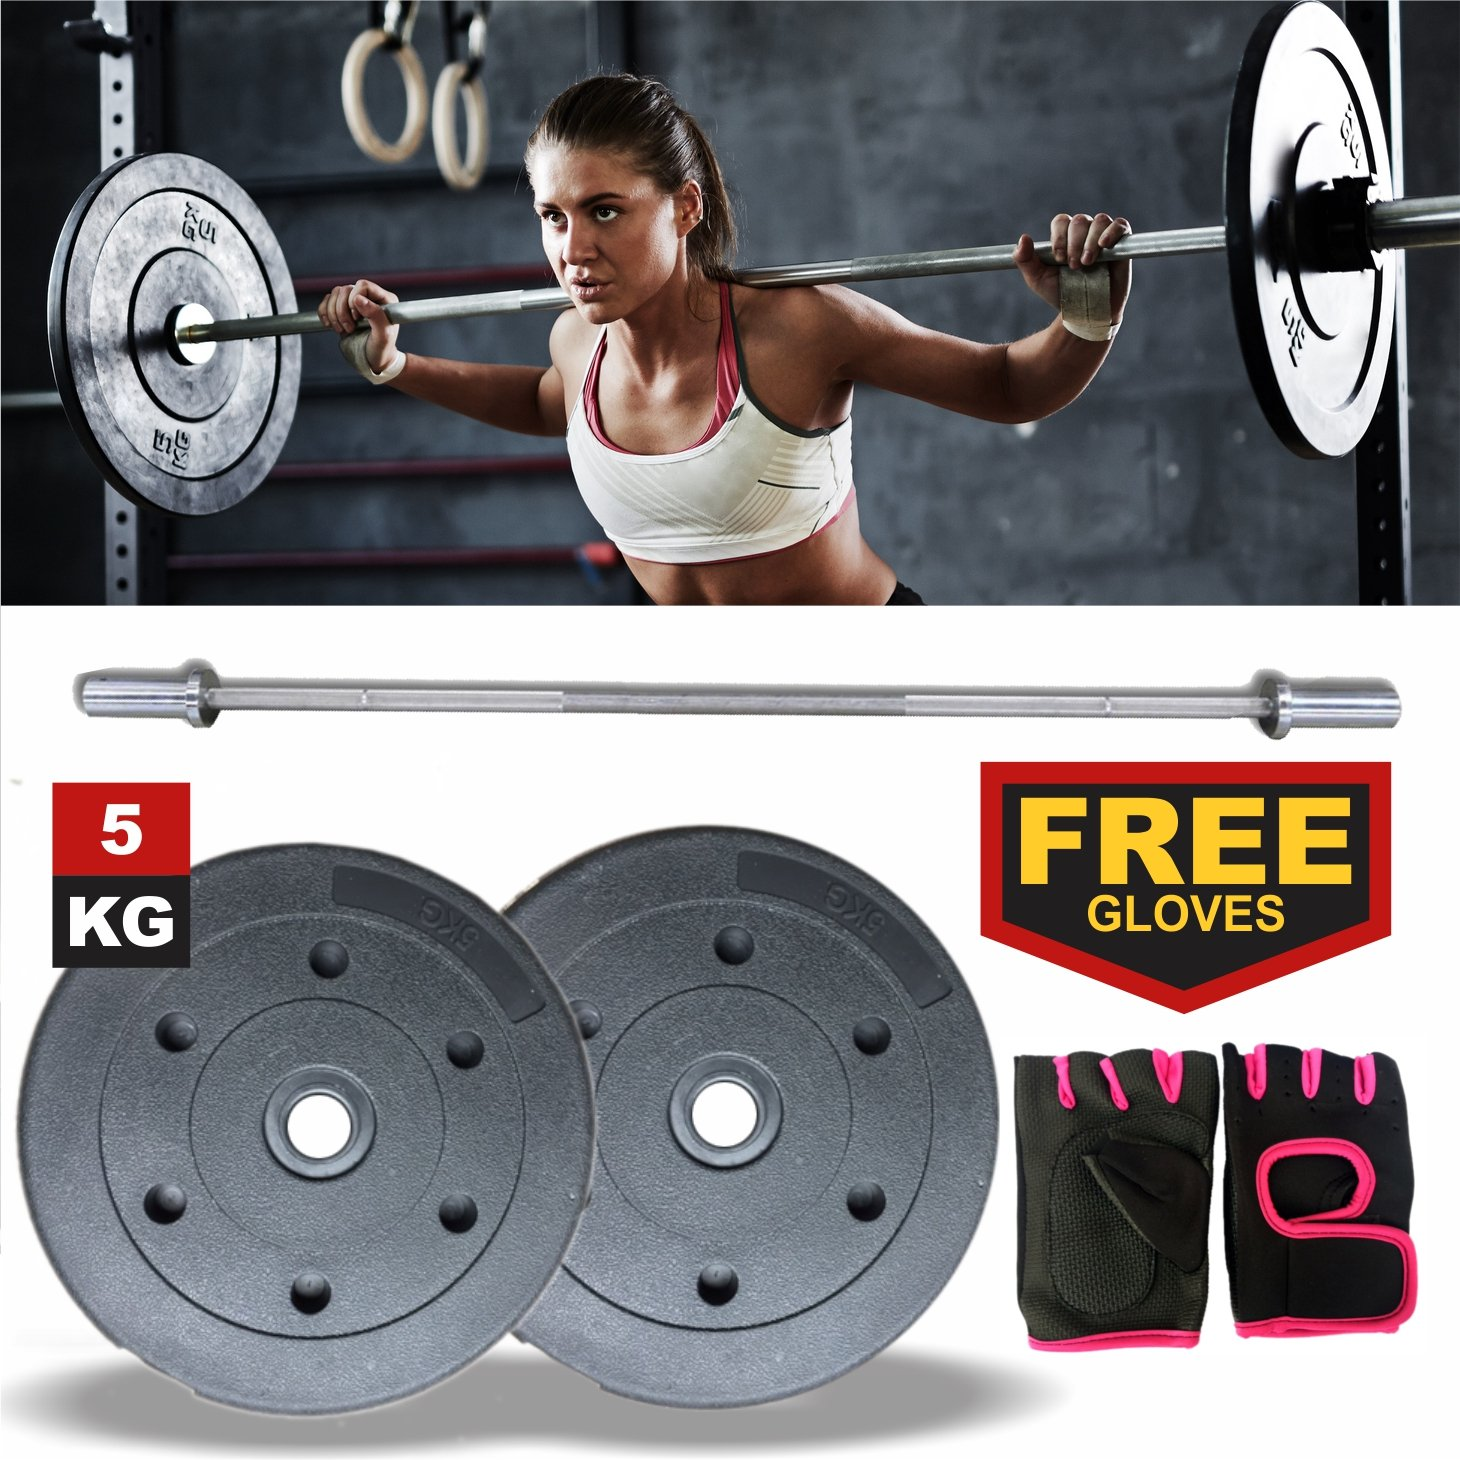 highy calidad relleno de arena de plástico ejercicio gimnasio levantamiento de pesas Set Platos x2 (10kg) libre Fitness guantes para mujer de malla (por ...